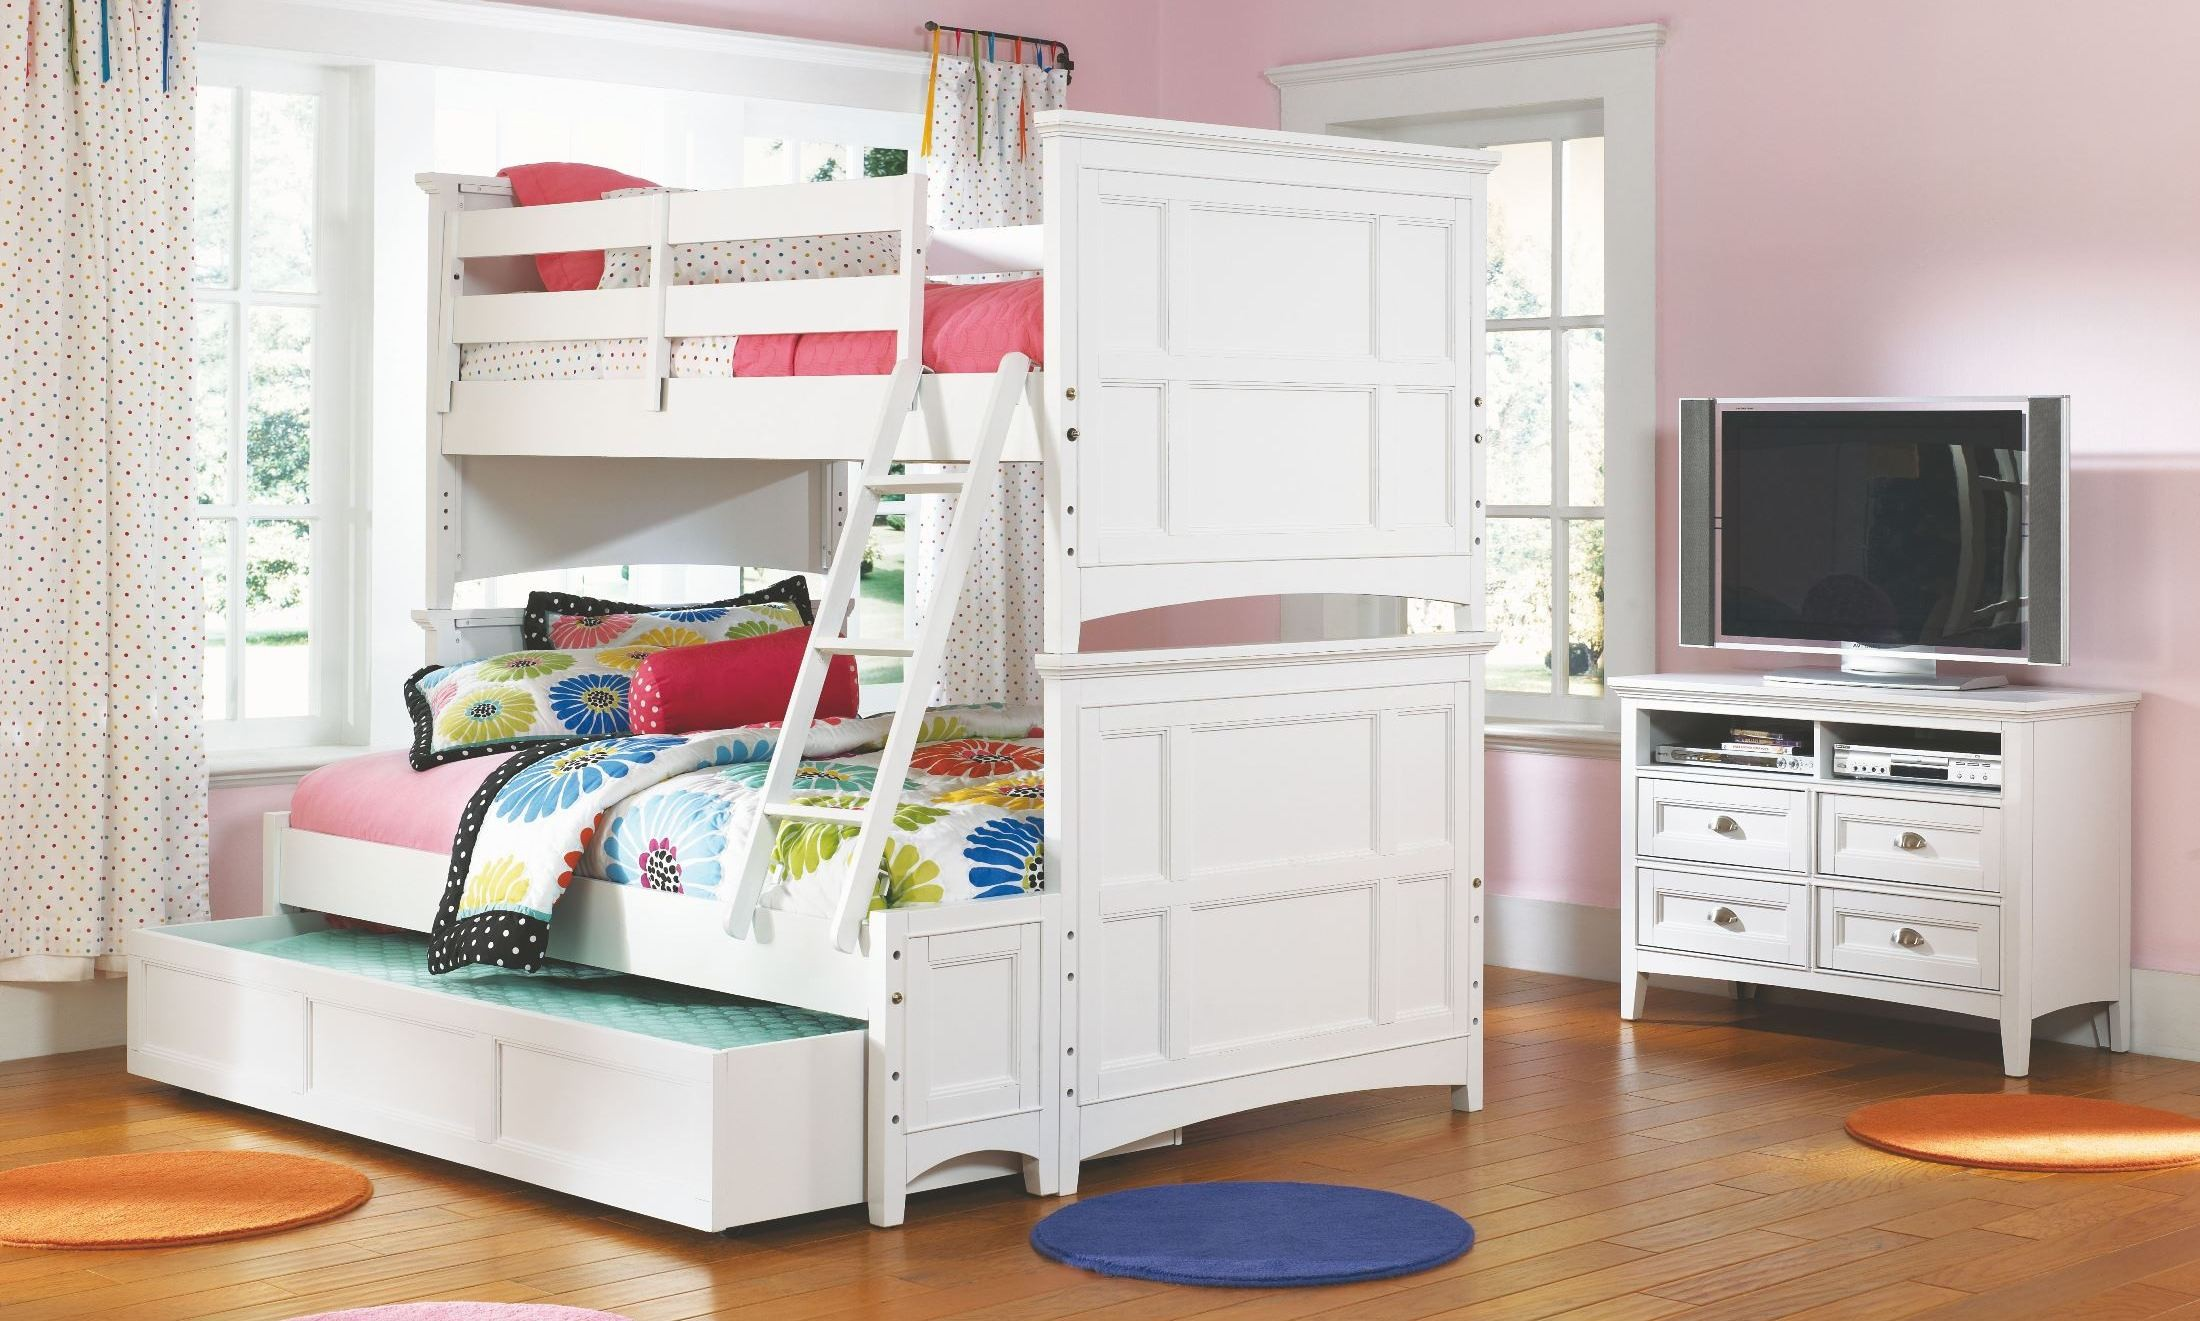 Kenley Bunk Bedroom Set From Magnussen Home